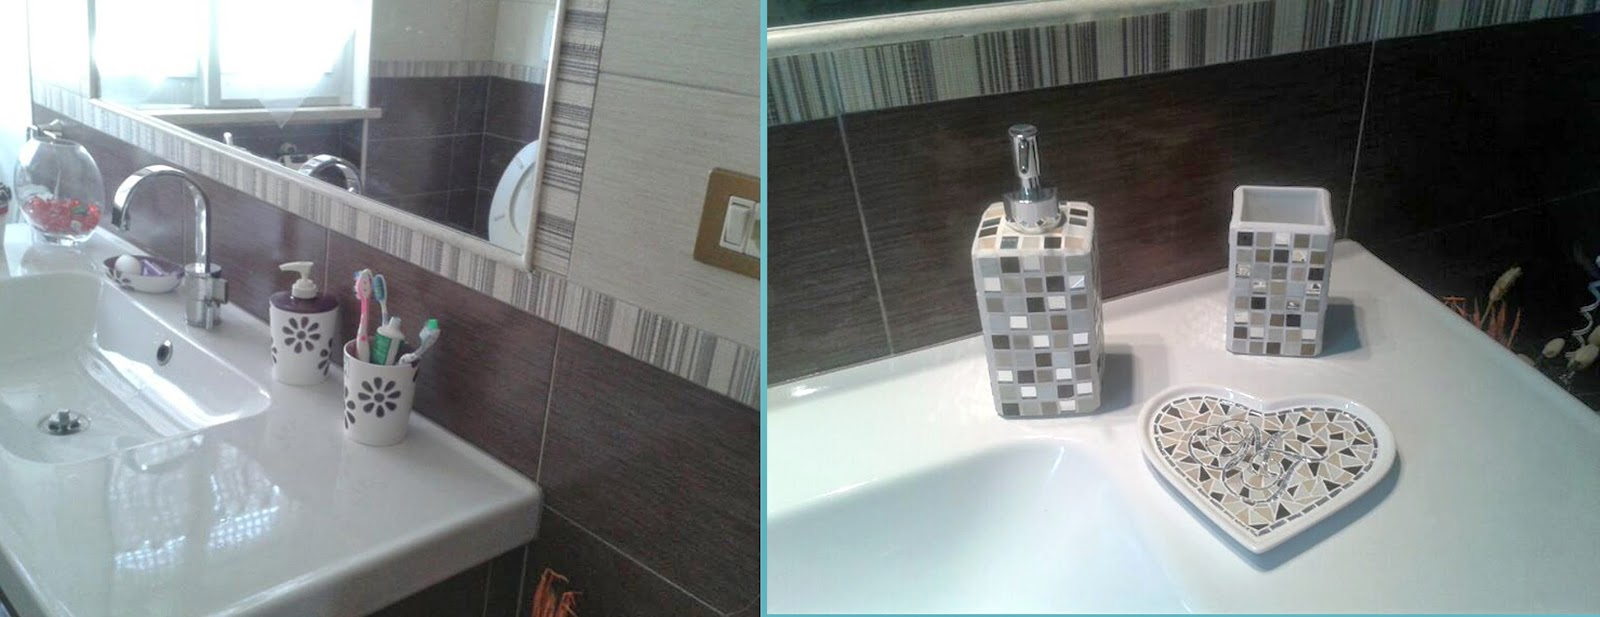 Un pezzo alla volta nuovi accessori bagno personalizzati - Bagno beige e marrone ...